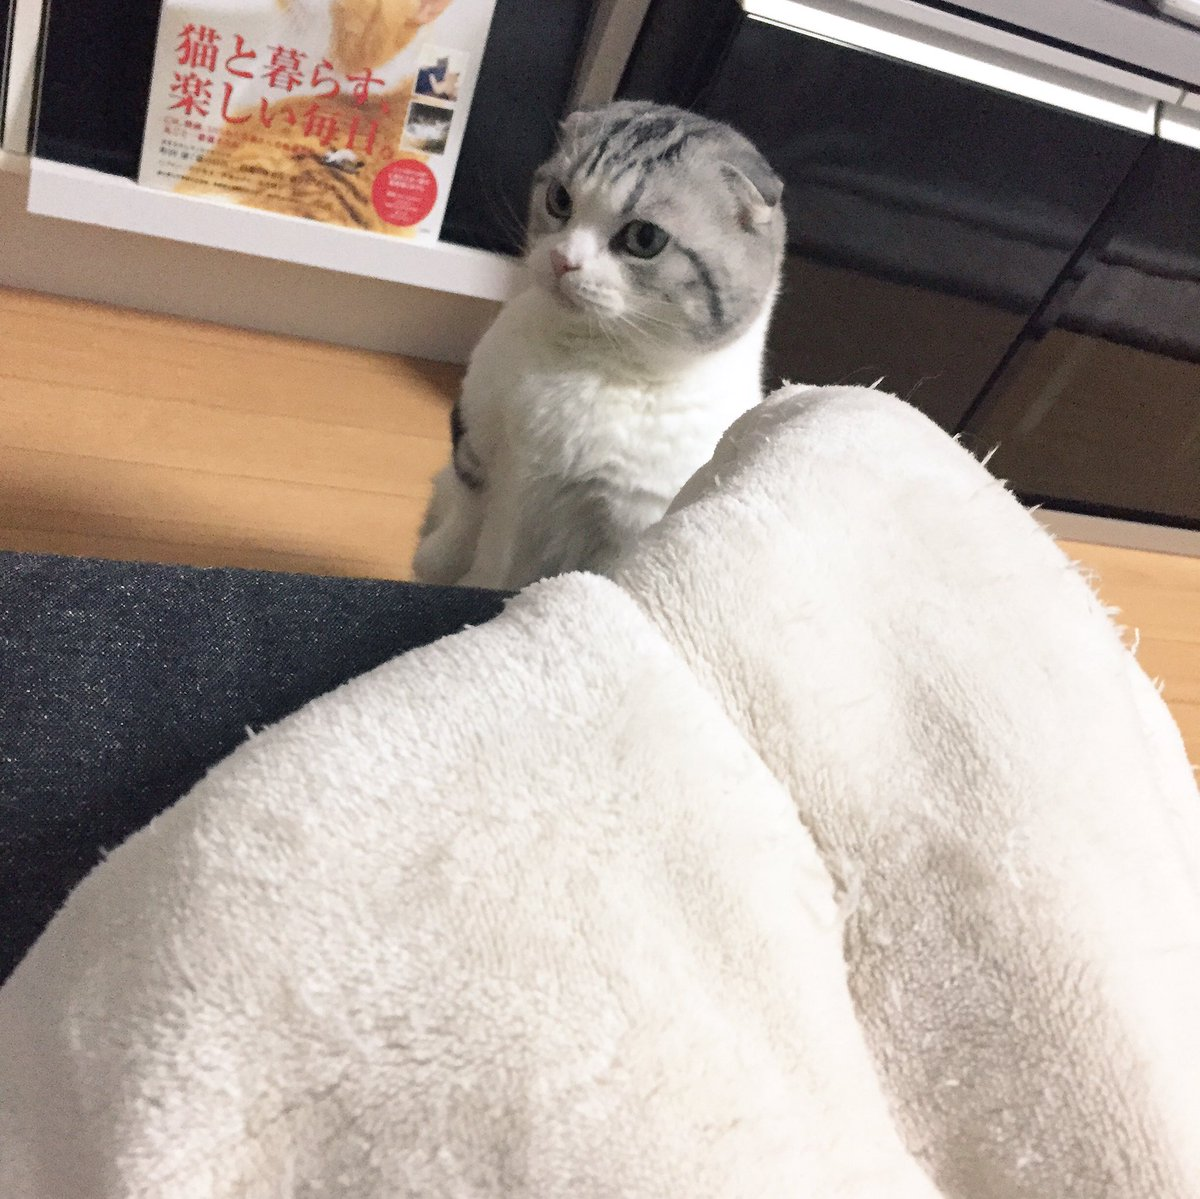 洗濯カゴの中で寝てたのに ゴハンの時間になったら 隣に来て待ってるまっぷーちん